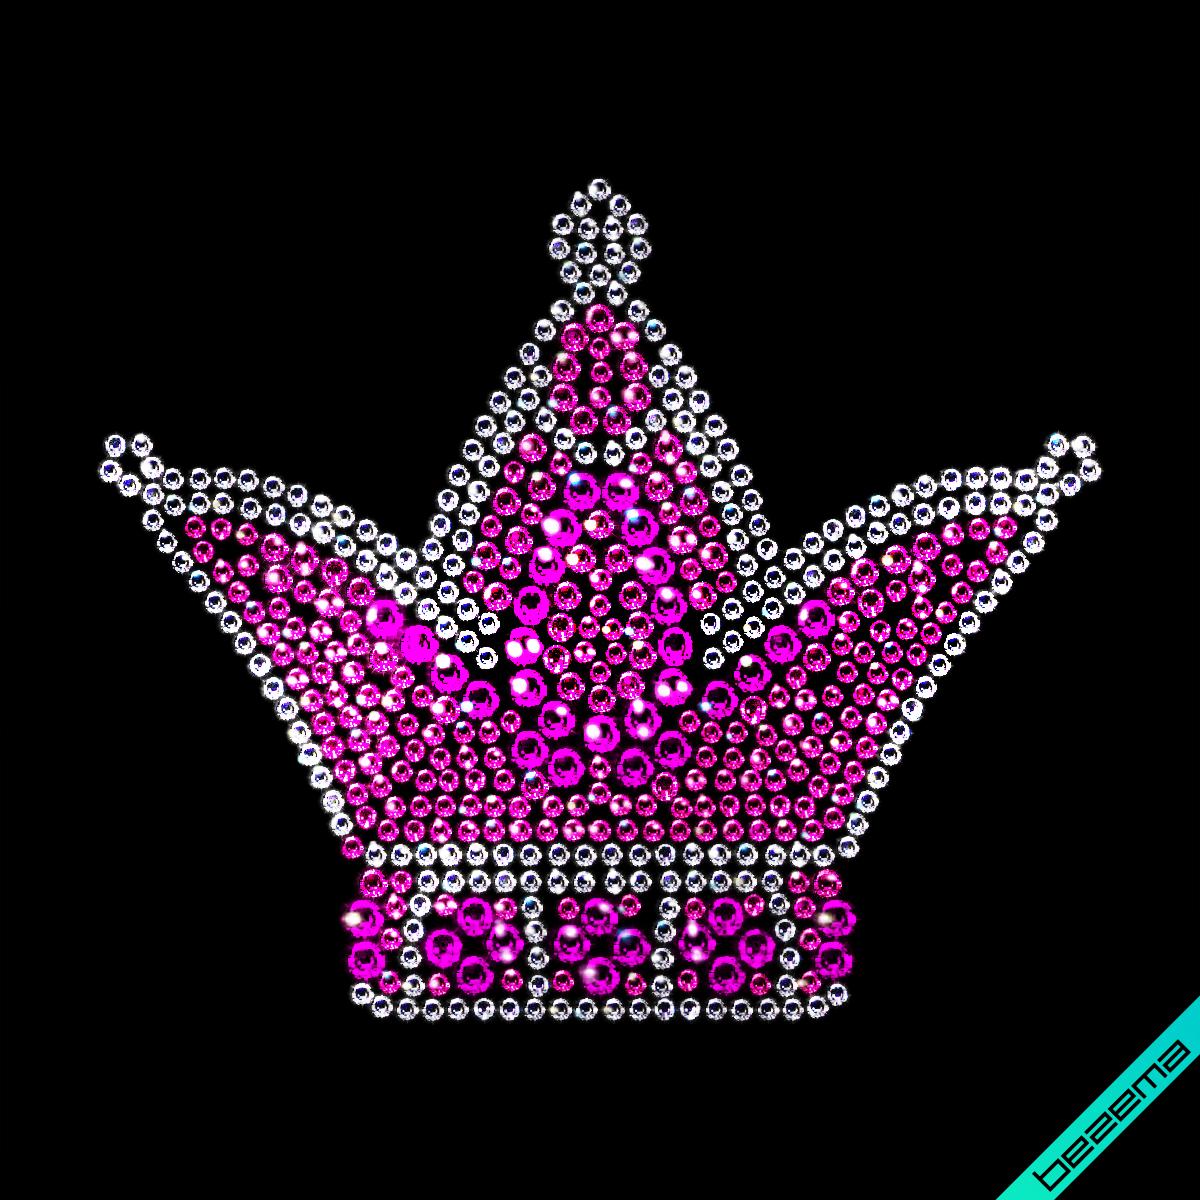 Стразы Корона (Стекло,2мм-бел.,2мм-роз., 3мм-роз.,4мм-фукс.)